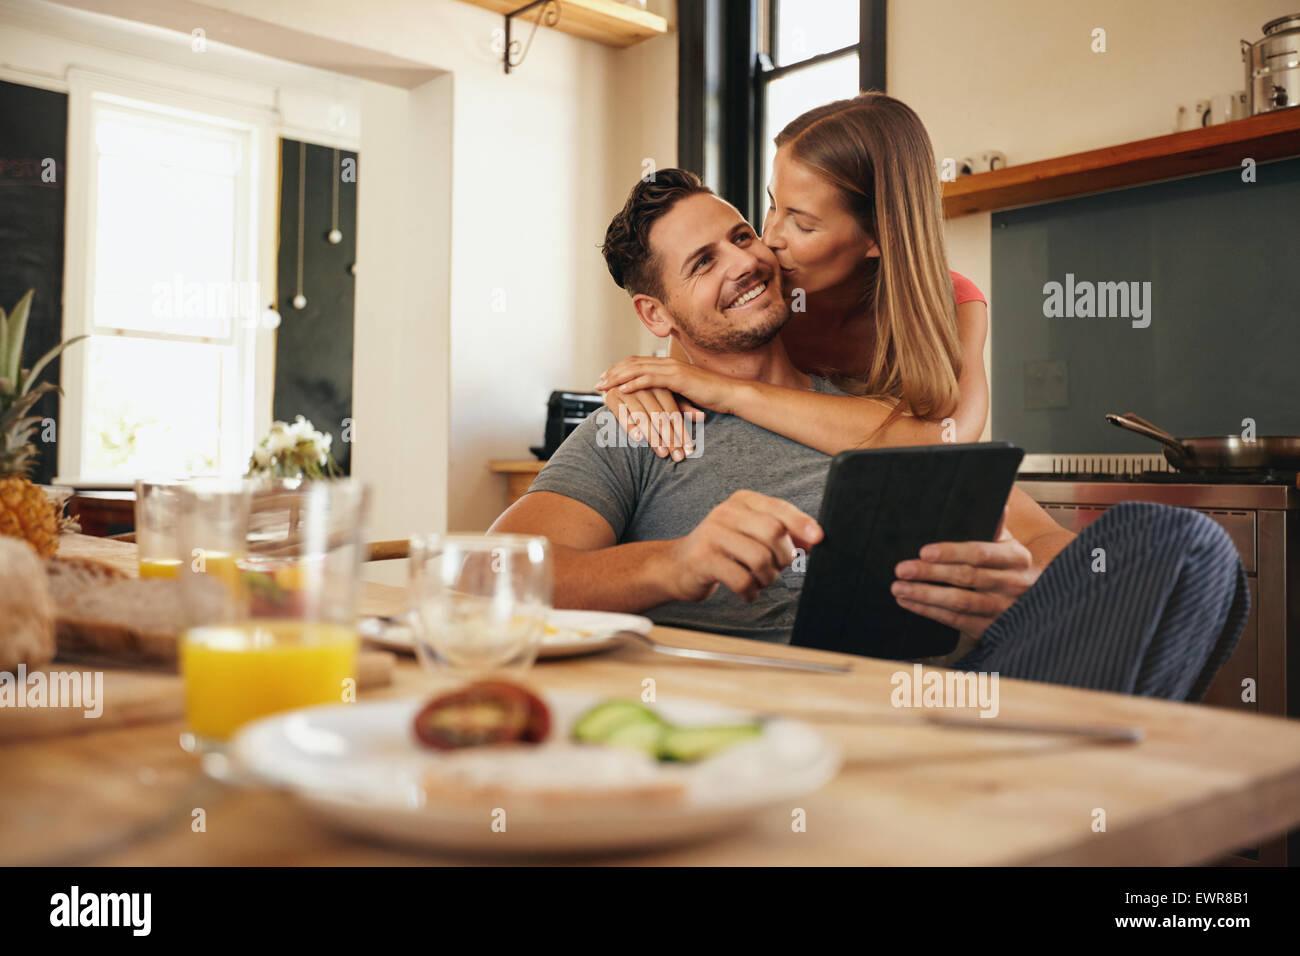 Jeune homme tenant une tablette numérique alors que sa petite amie le par derrière, lui donnant un baiser Photo Stock